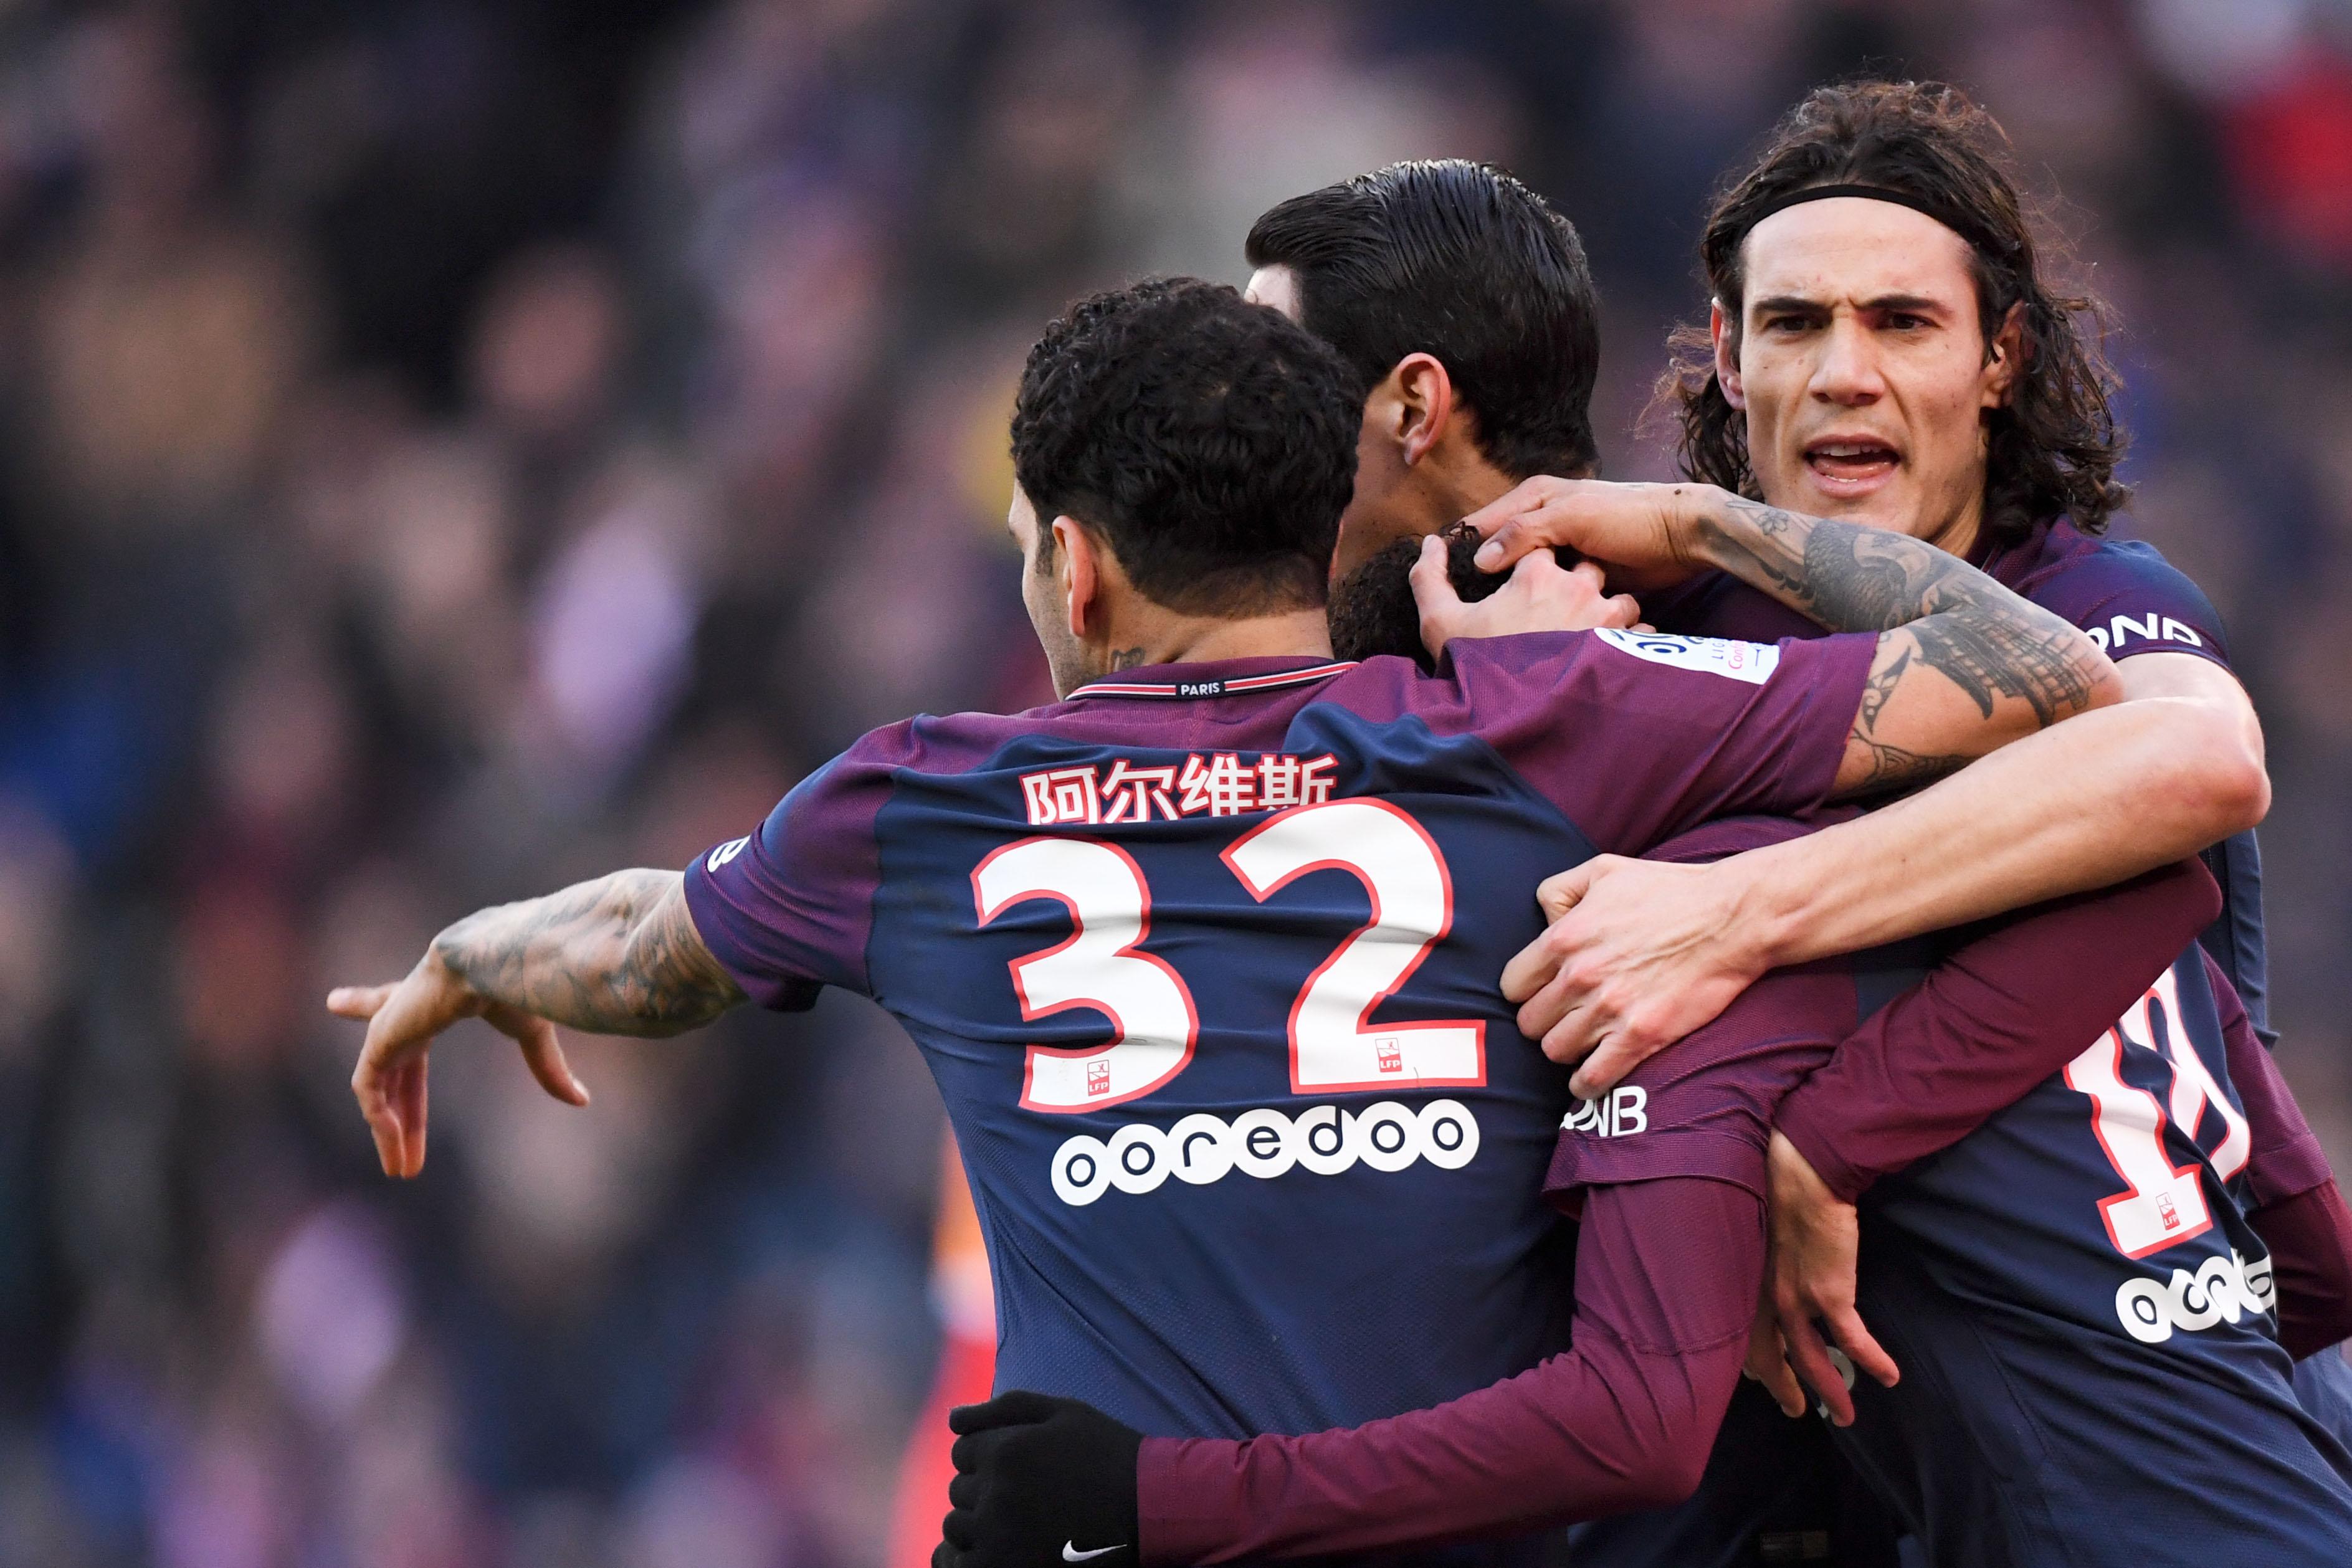 Football - Ligue 1 - Lyon, PSG, Cavani : les chiffres marquants du week-end de L1